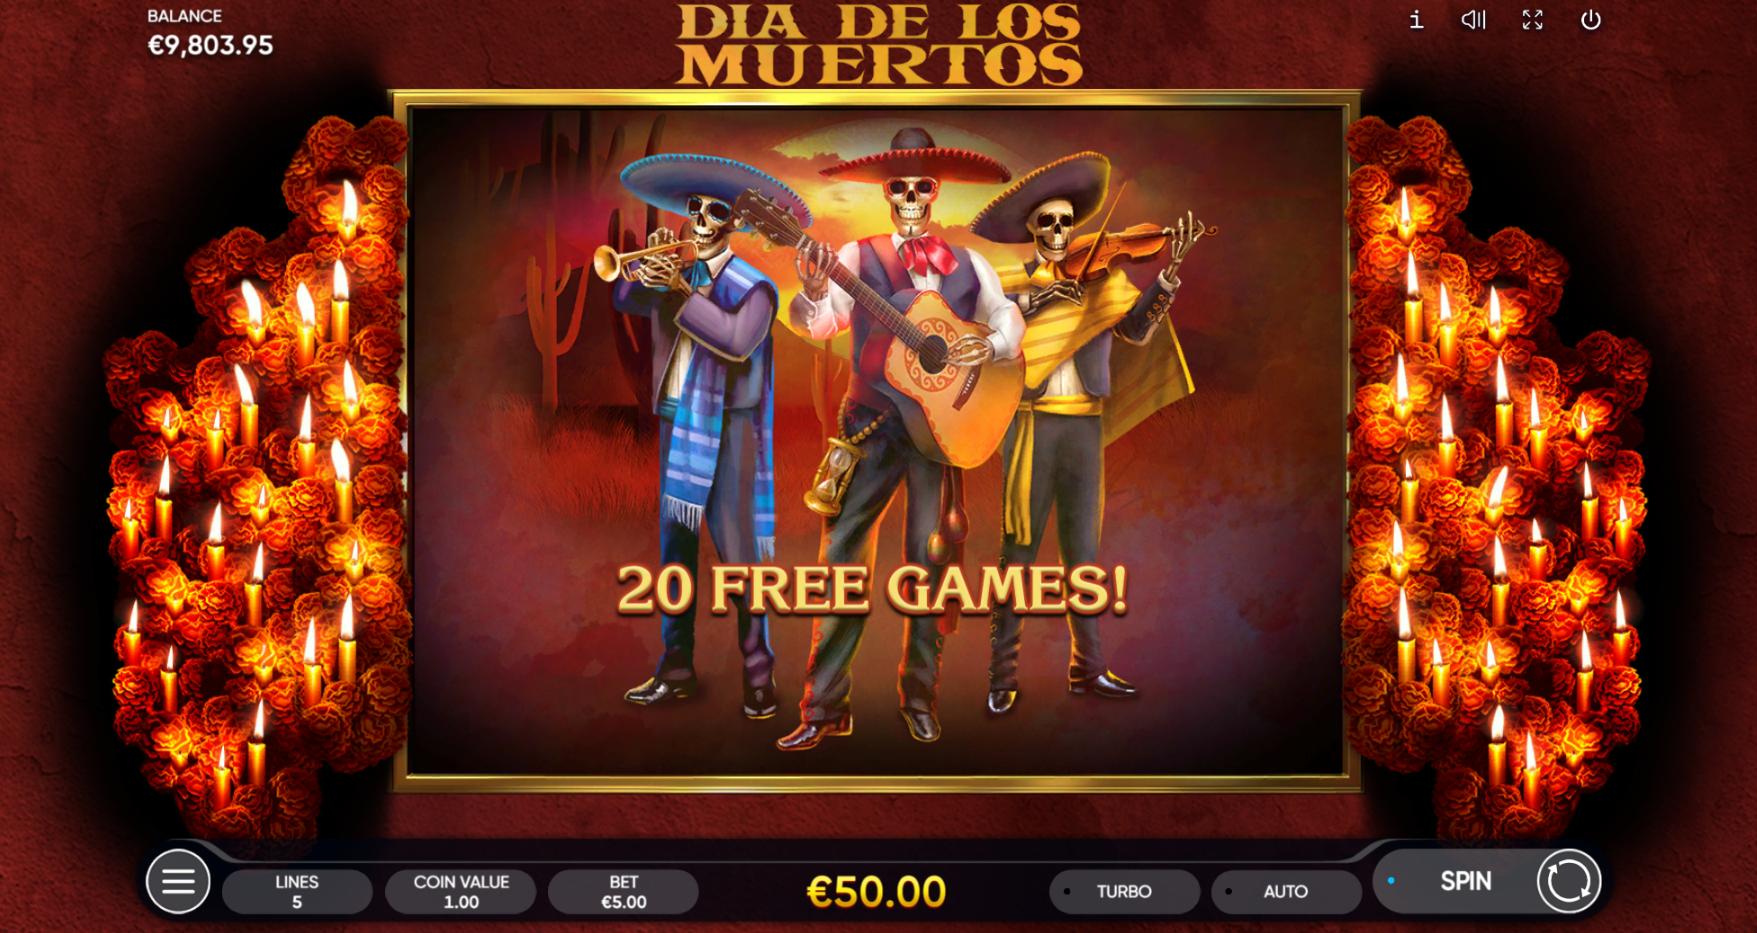 Dia de Los Muertos Free Spins